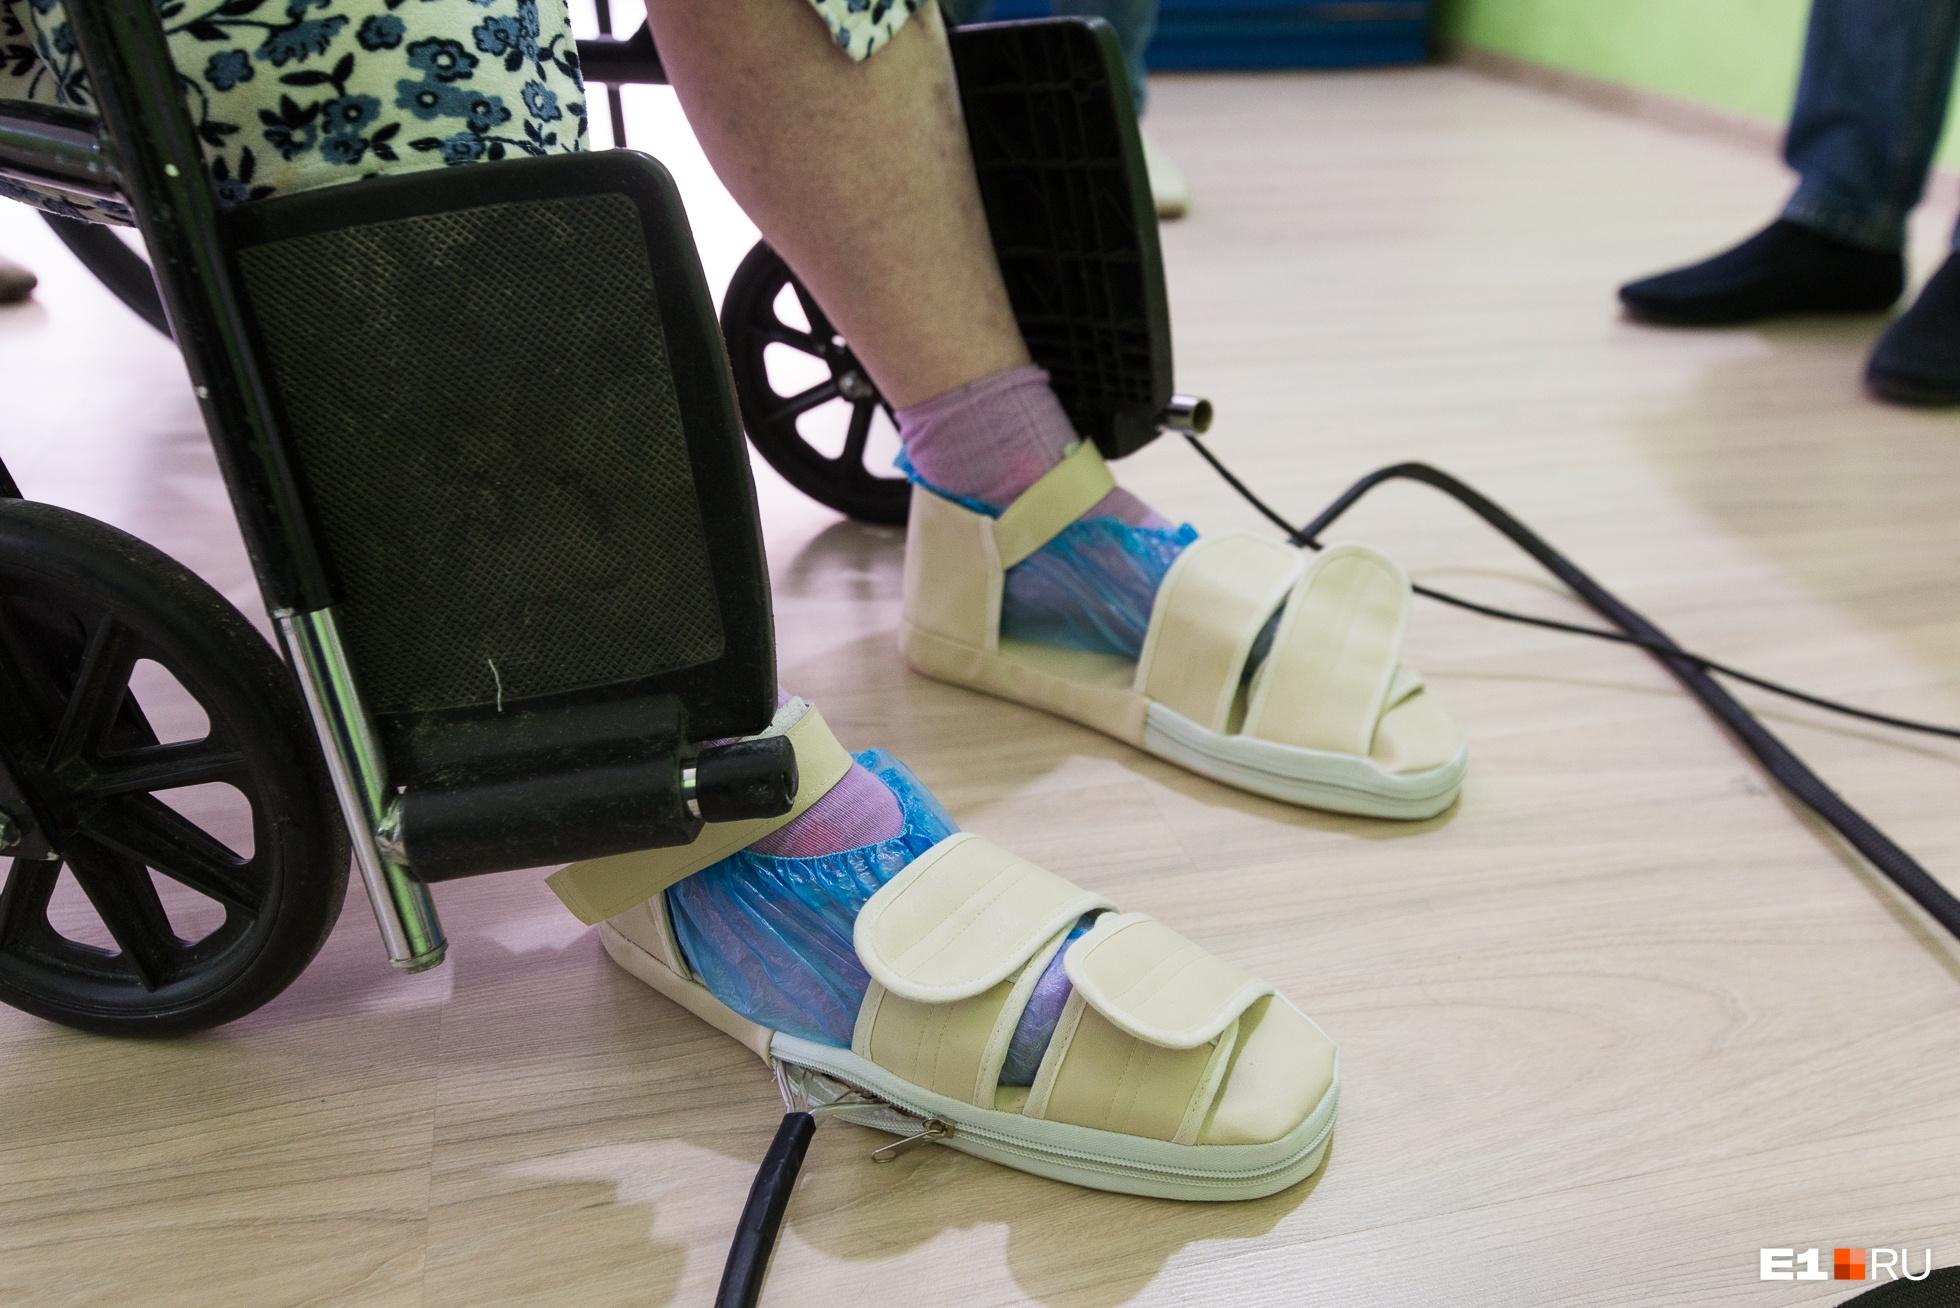 На ногах не простые тапочки, а с подошвенными рецепторами, которые активизируют функцию ходьбы, лобный центр